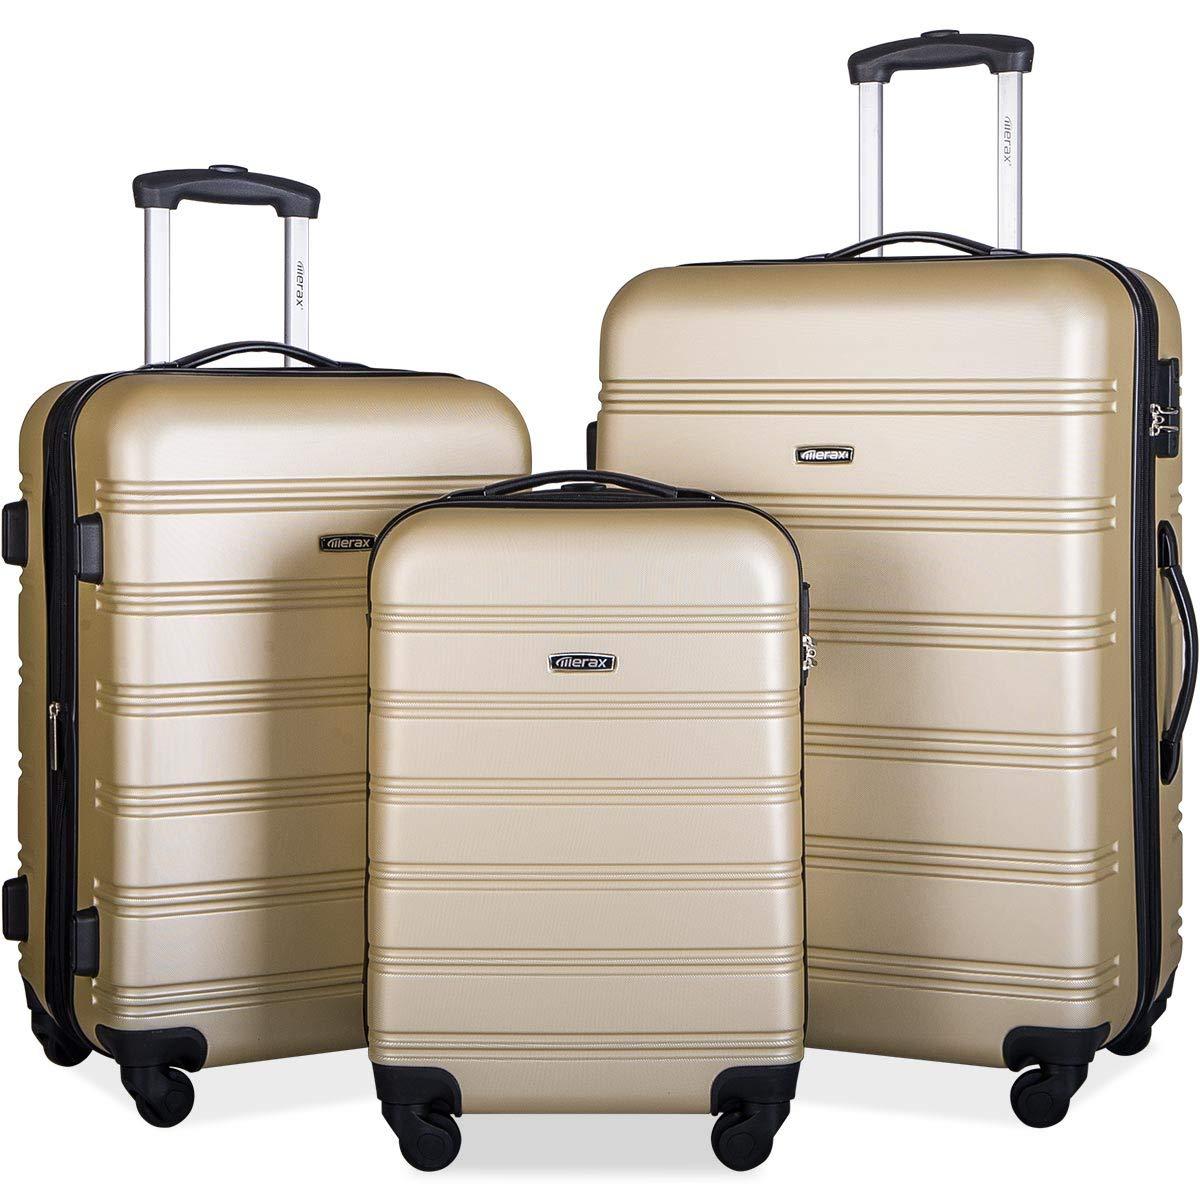 pp005810daa travelhouse luggage set 3 piece expandable